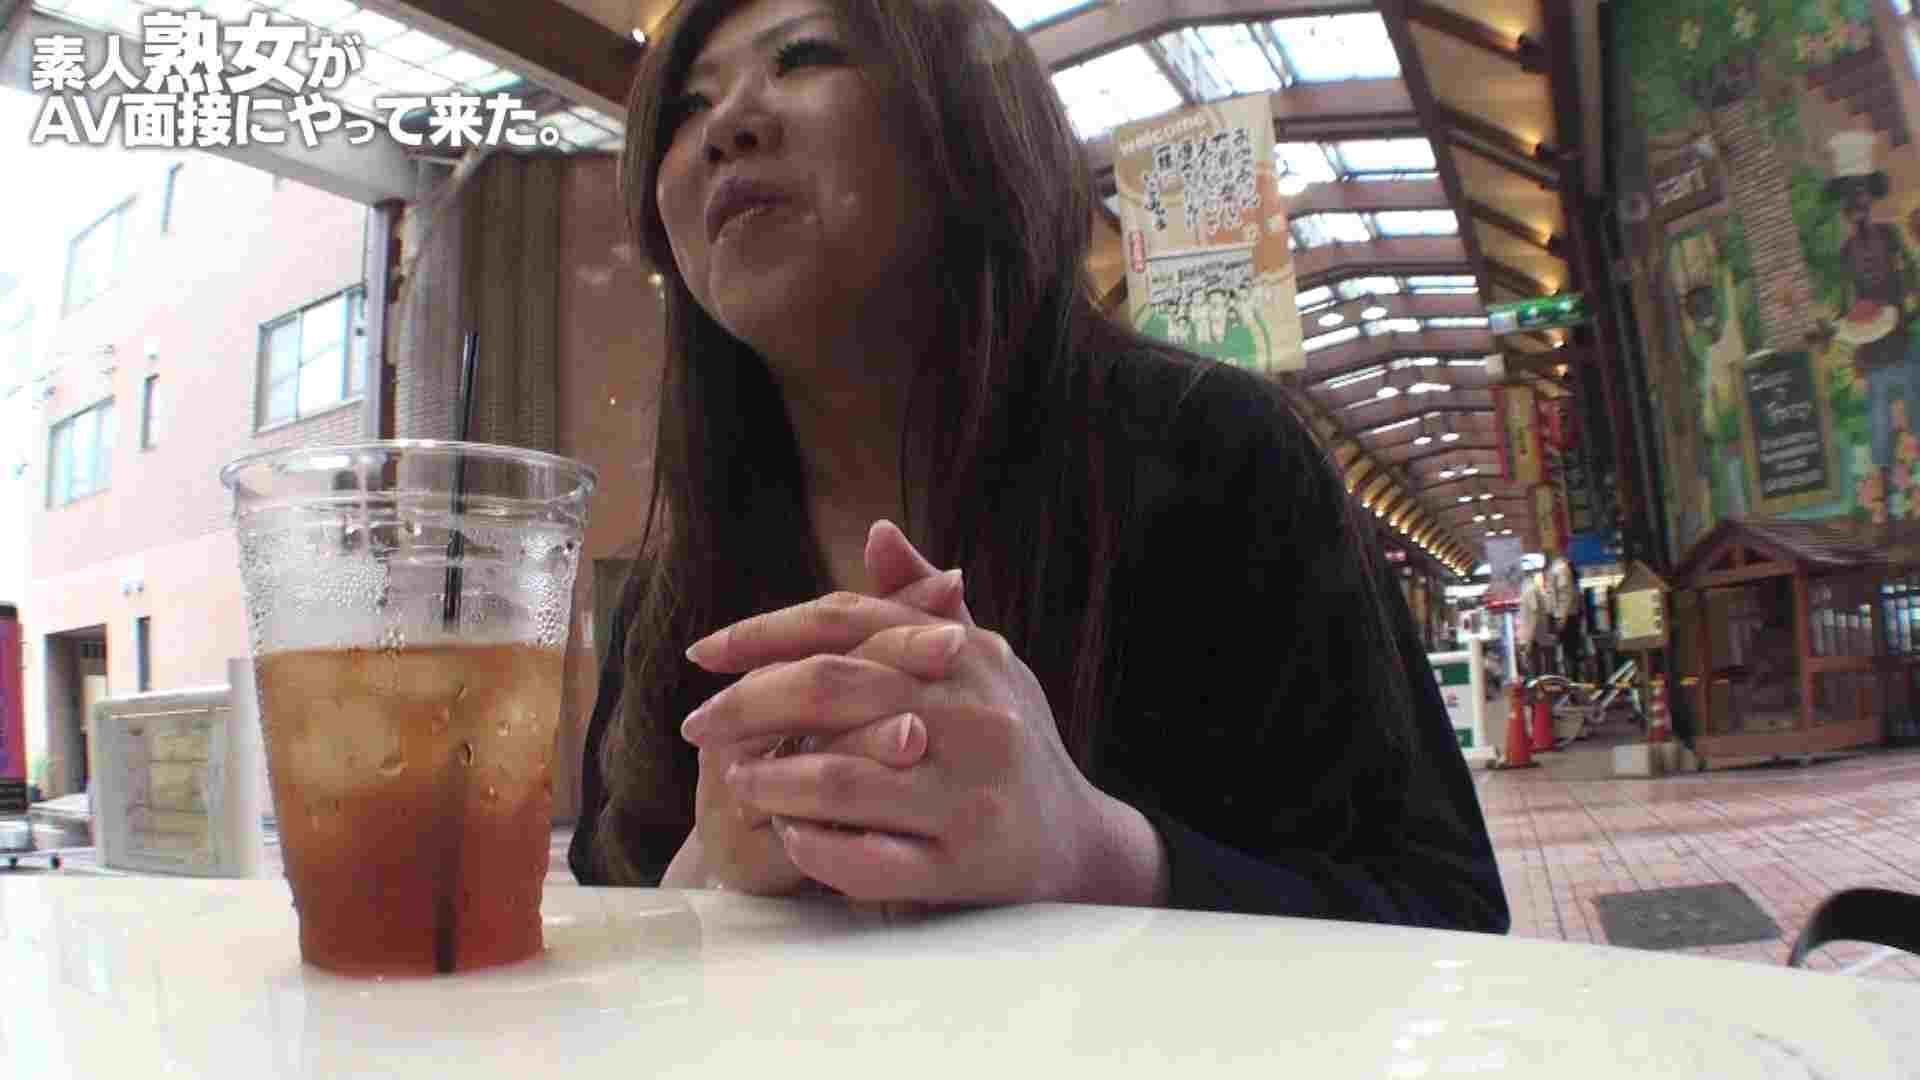 素人熟女がAV面接にやってきた (仮名)ゆかさんVOL.01 熟女 のぞき動画画像 71pic 68